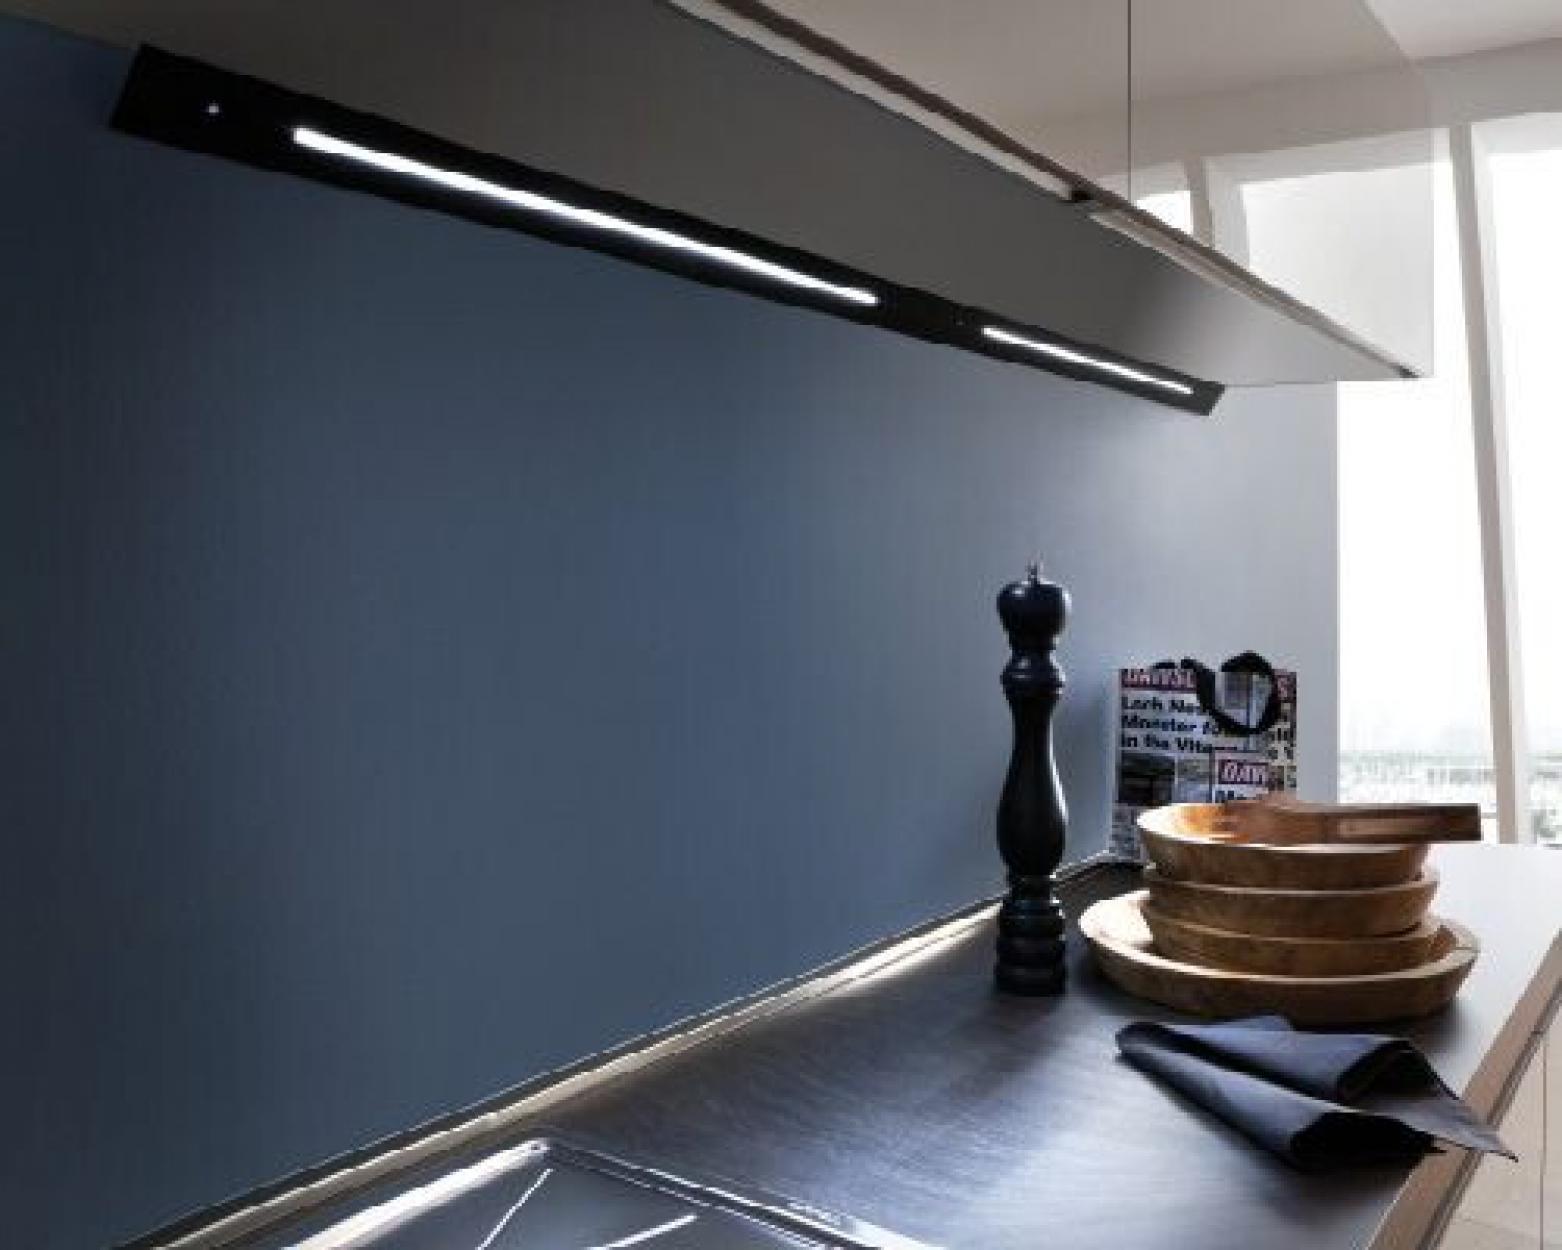 Светильник светодиодный MURANO PLUS TOUCH (сенсорный) длинна 450mm 12V 5000K (холодный свет)  2,0W 9LED , цвет:черный